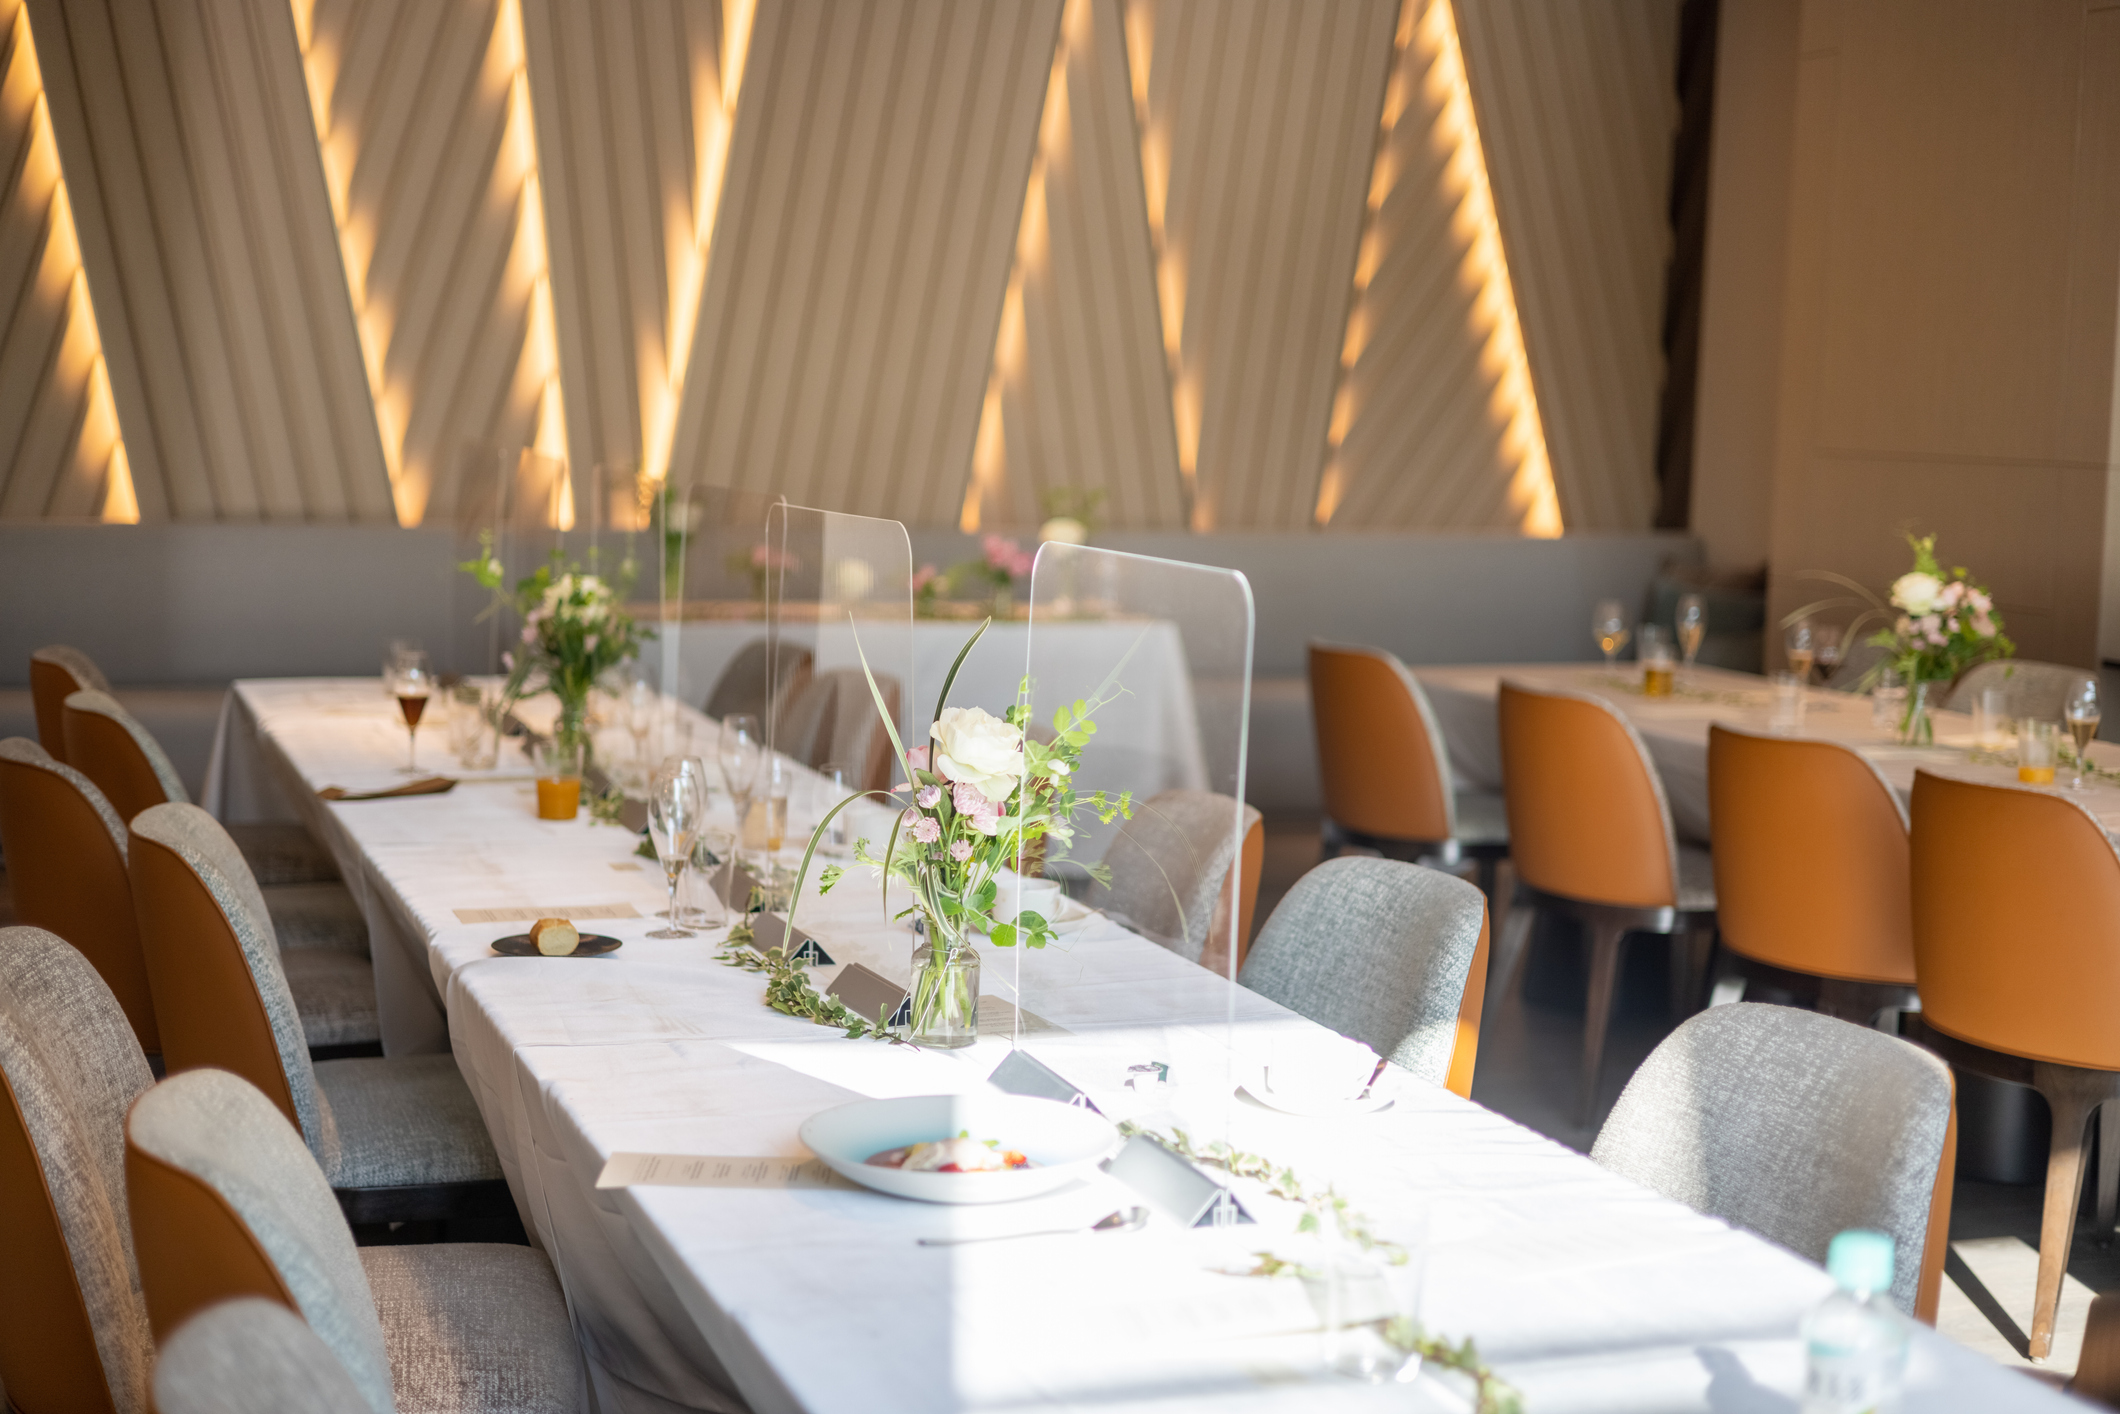 Jak ustawić stoły weselne, by poprawić integrację gości?